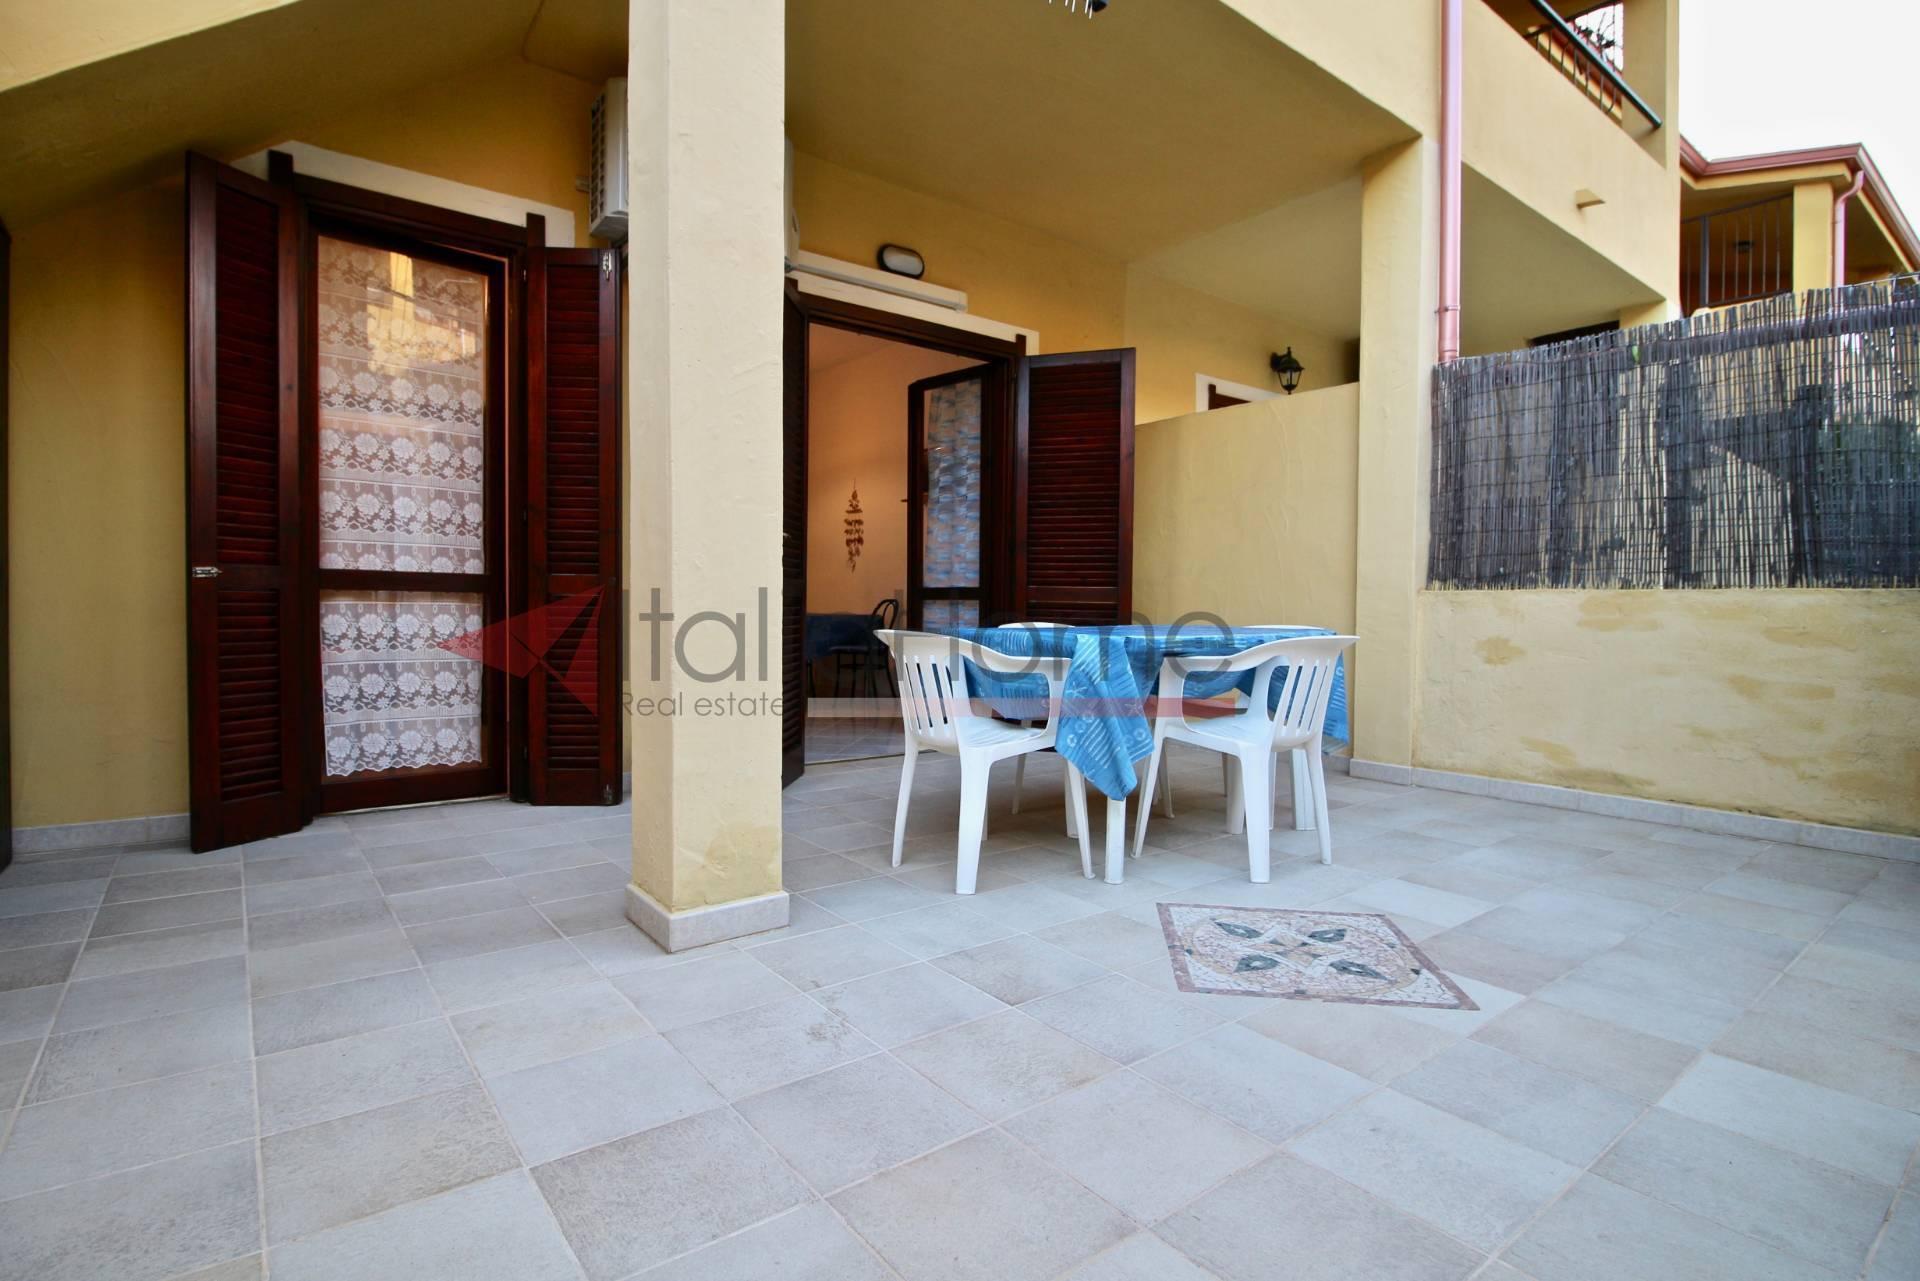 Appartamento, 45 Mq, Vendita - Italia (IT)